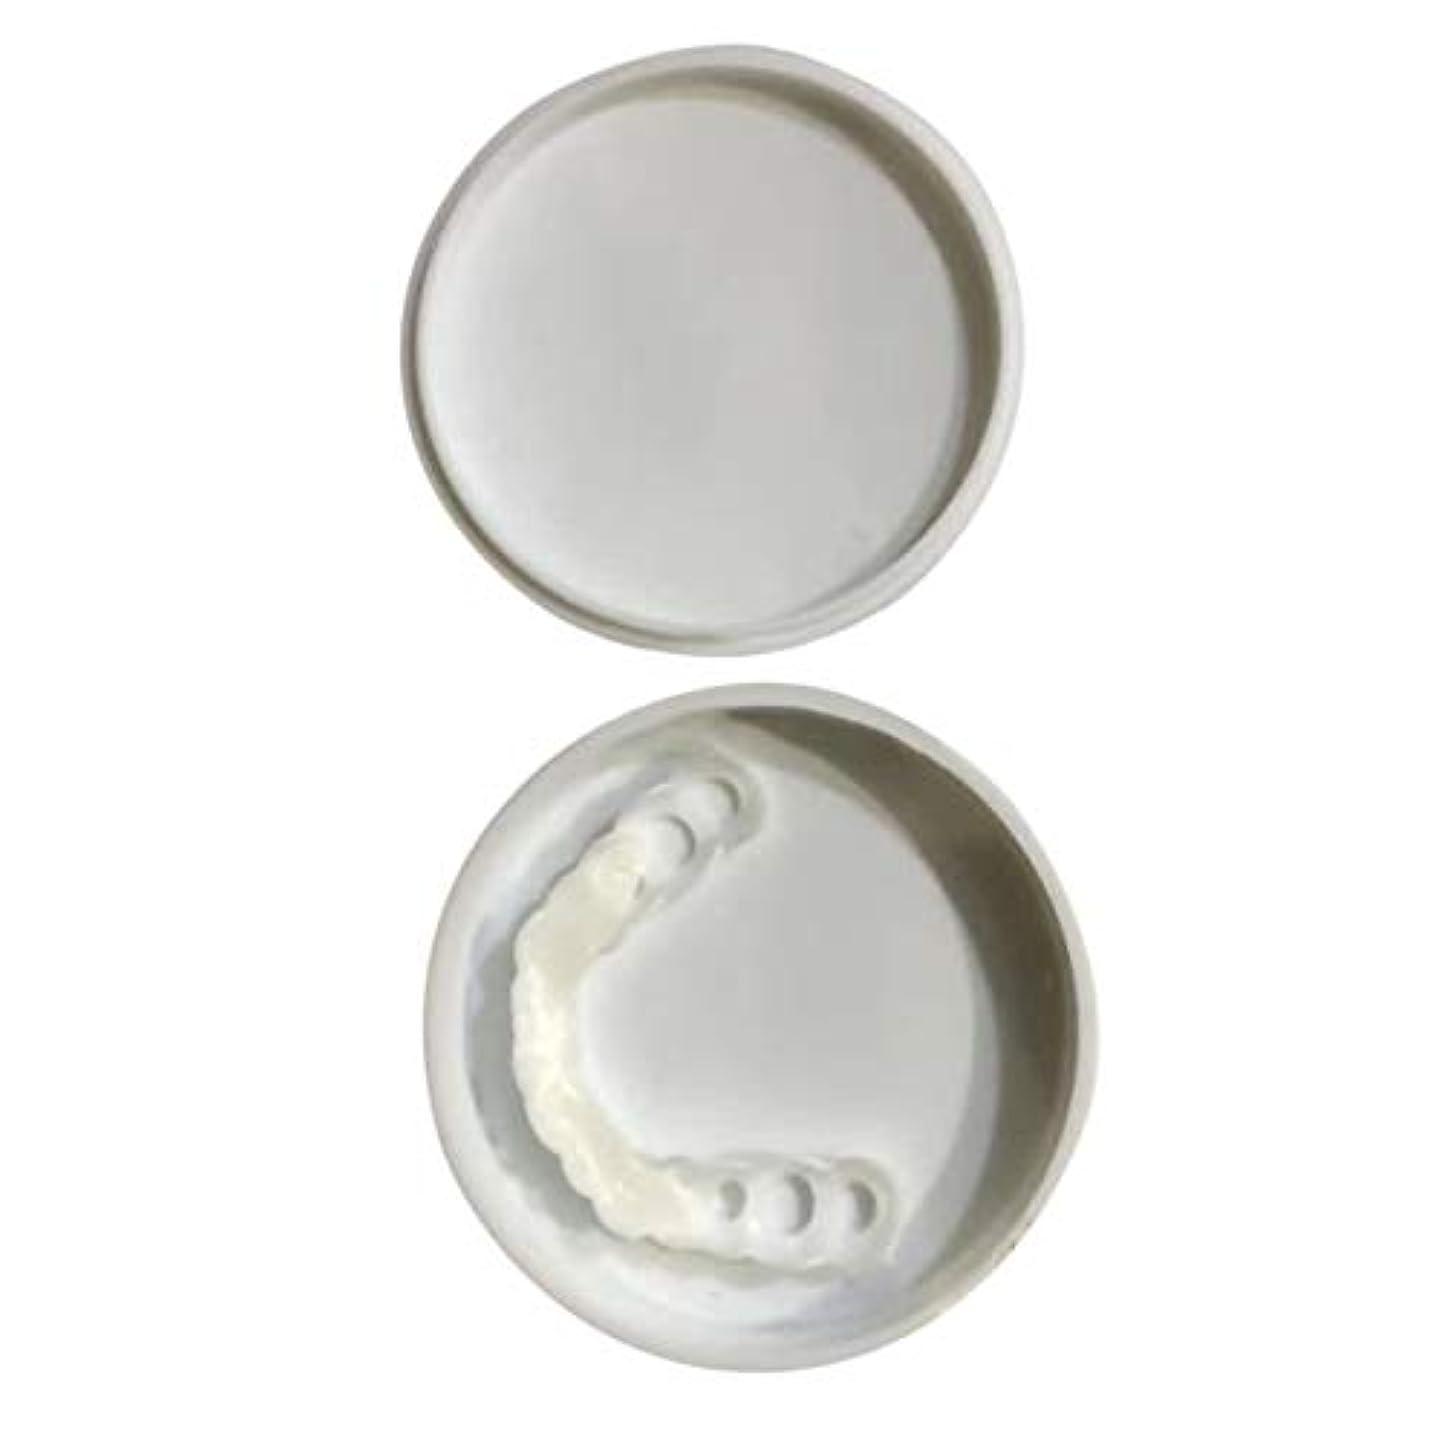 不十分な絡まるサリー快適なスナップオン男性女性歯インスタントパーフェクトスマイルコンフォートフィットフレックス歯フィットホワイトニング笑顔偽歯カバー - ホワイト